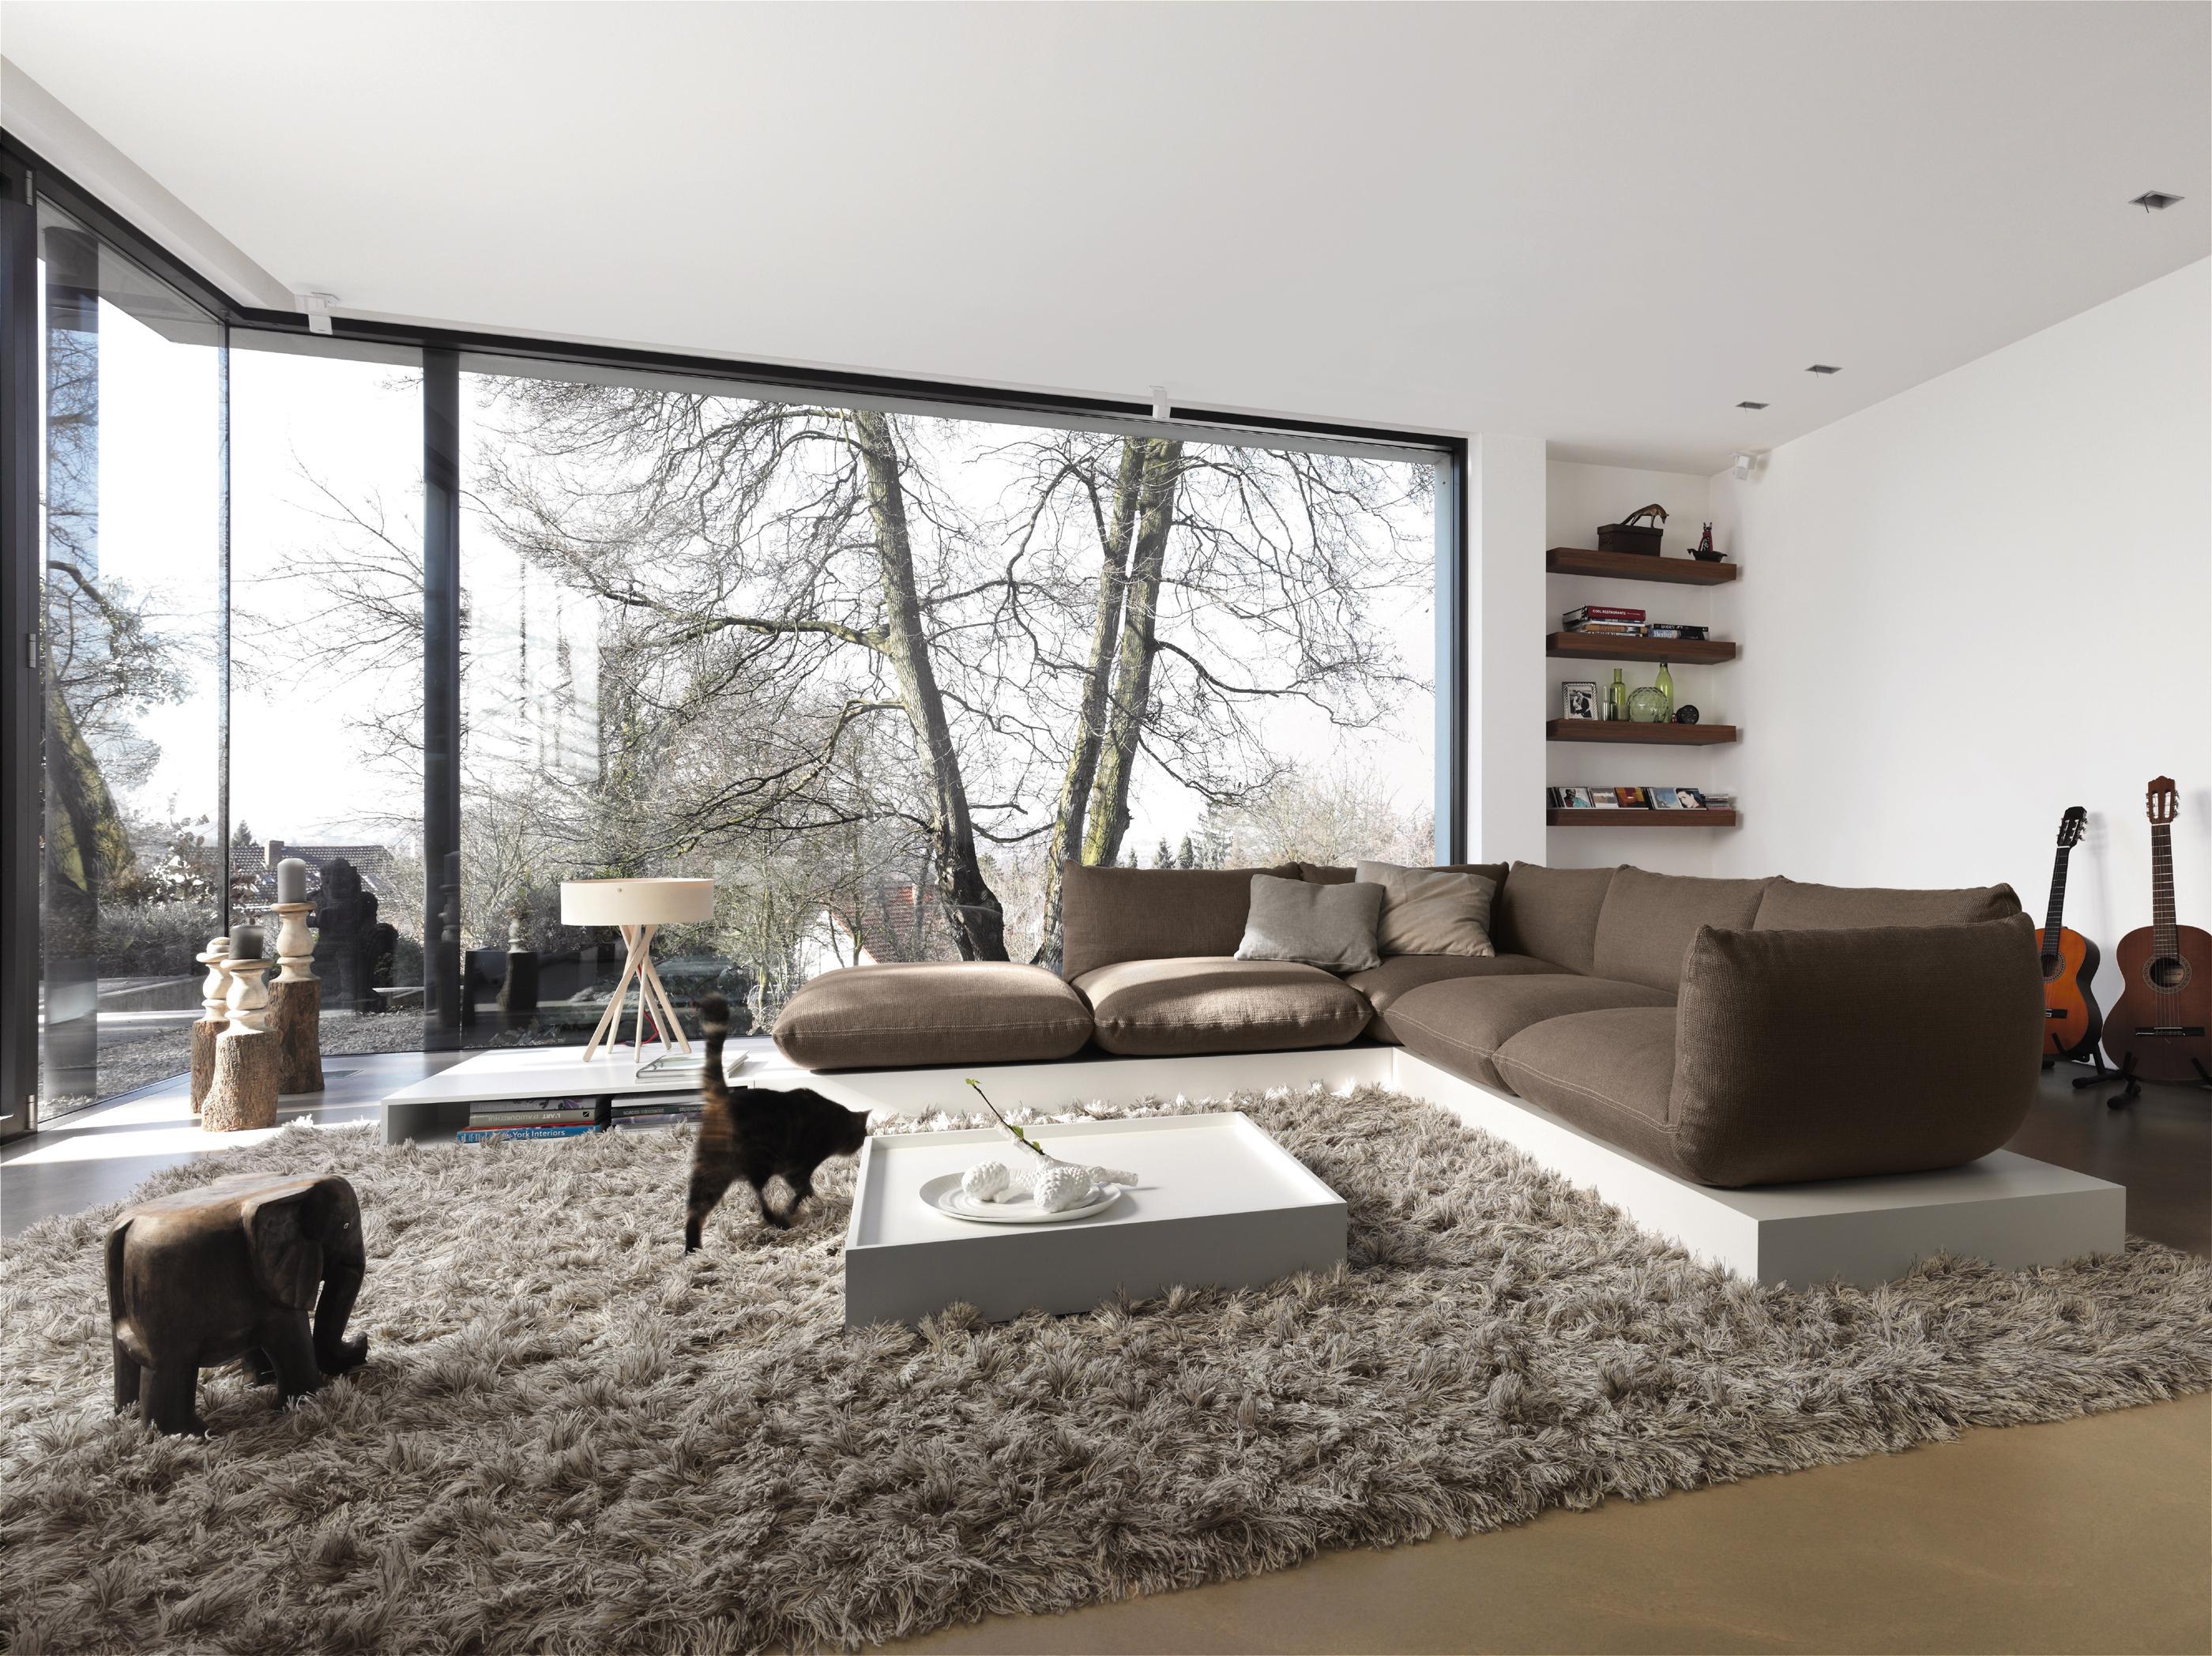 Designersofa Bilder Ideen Couch